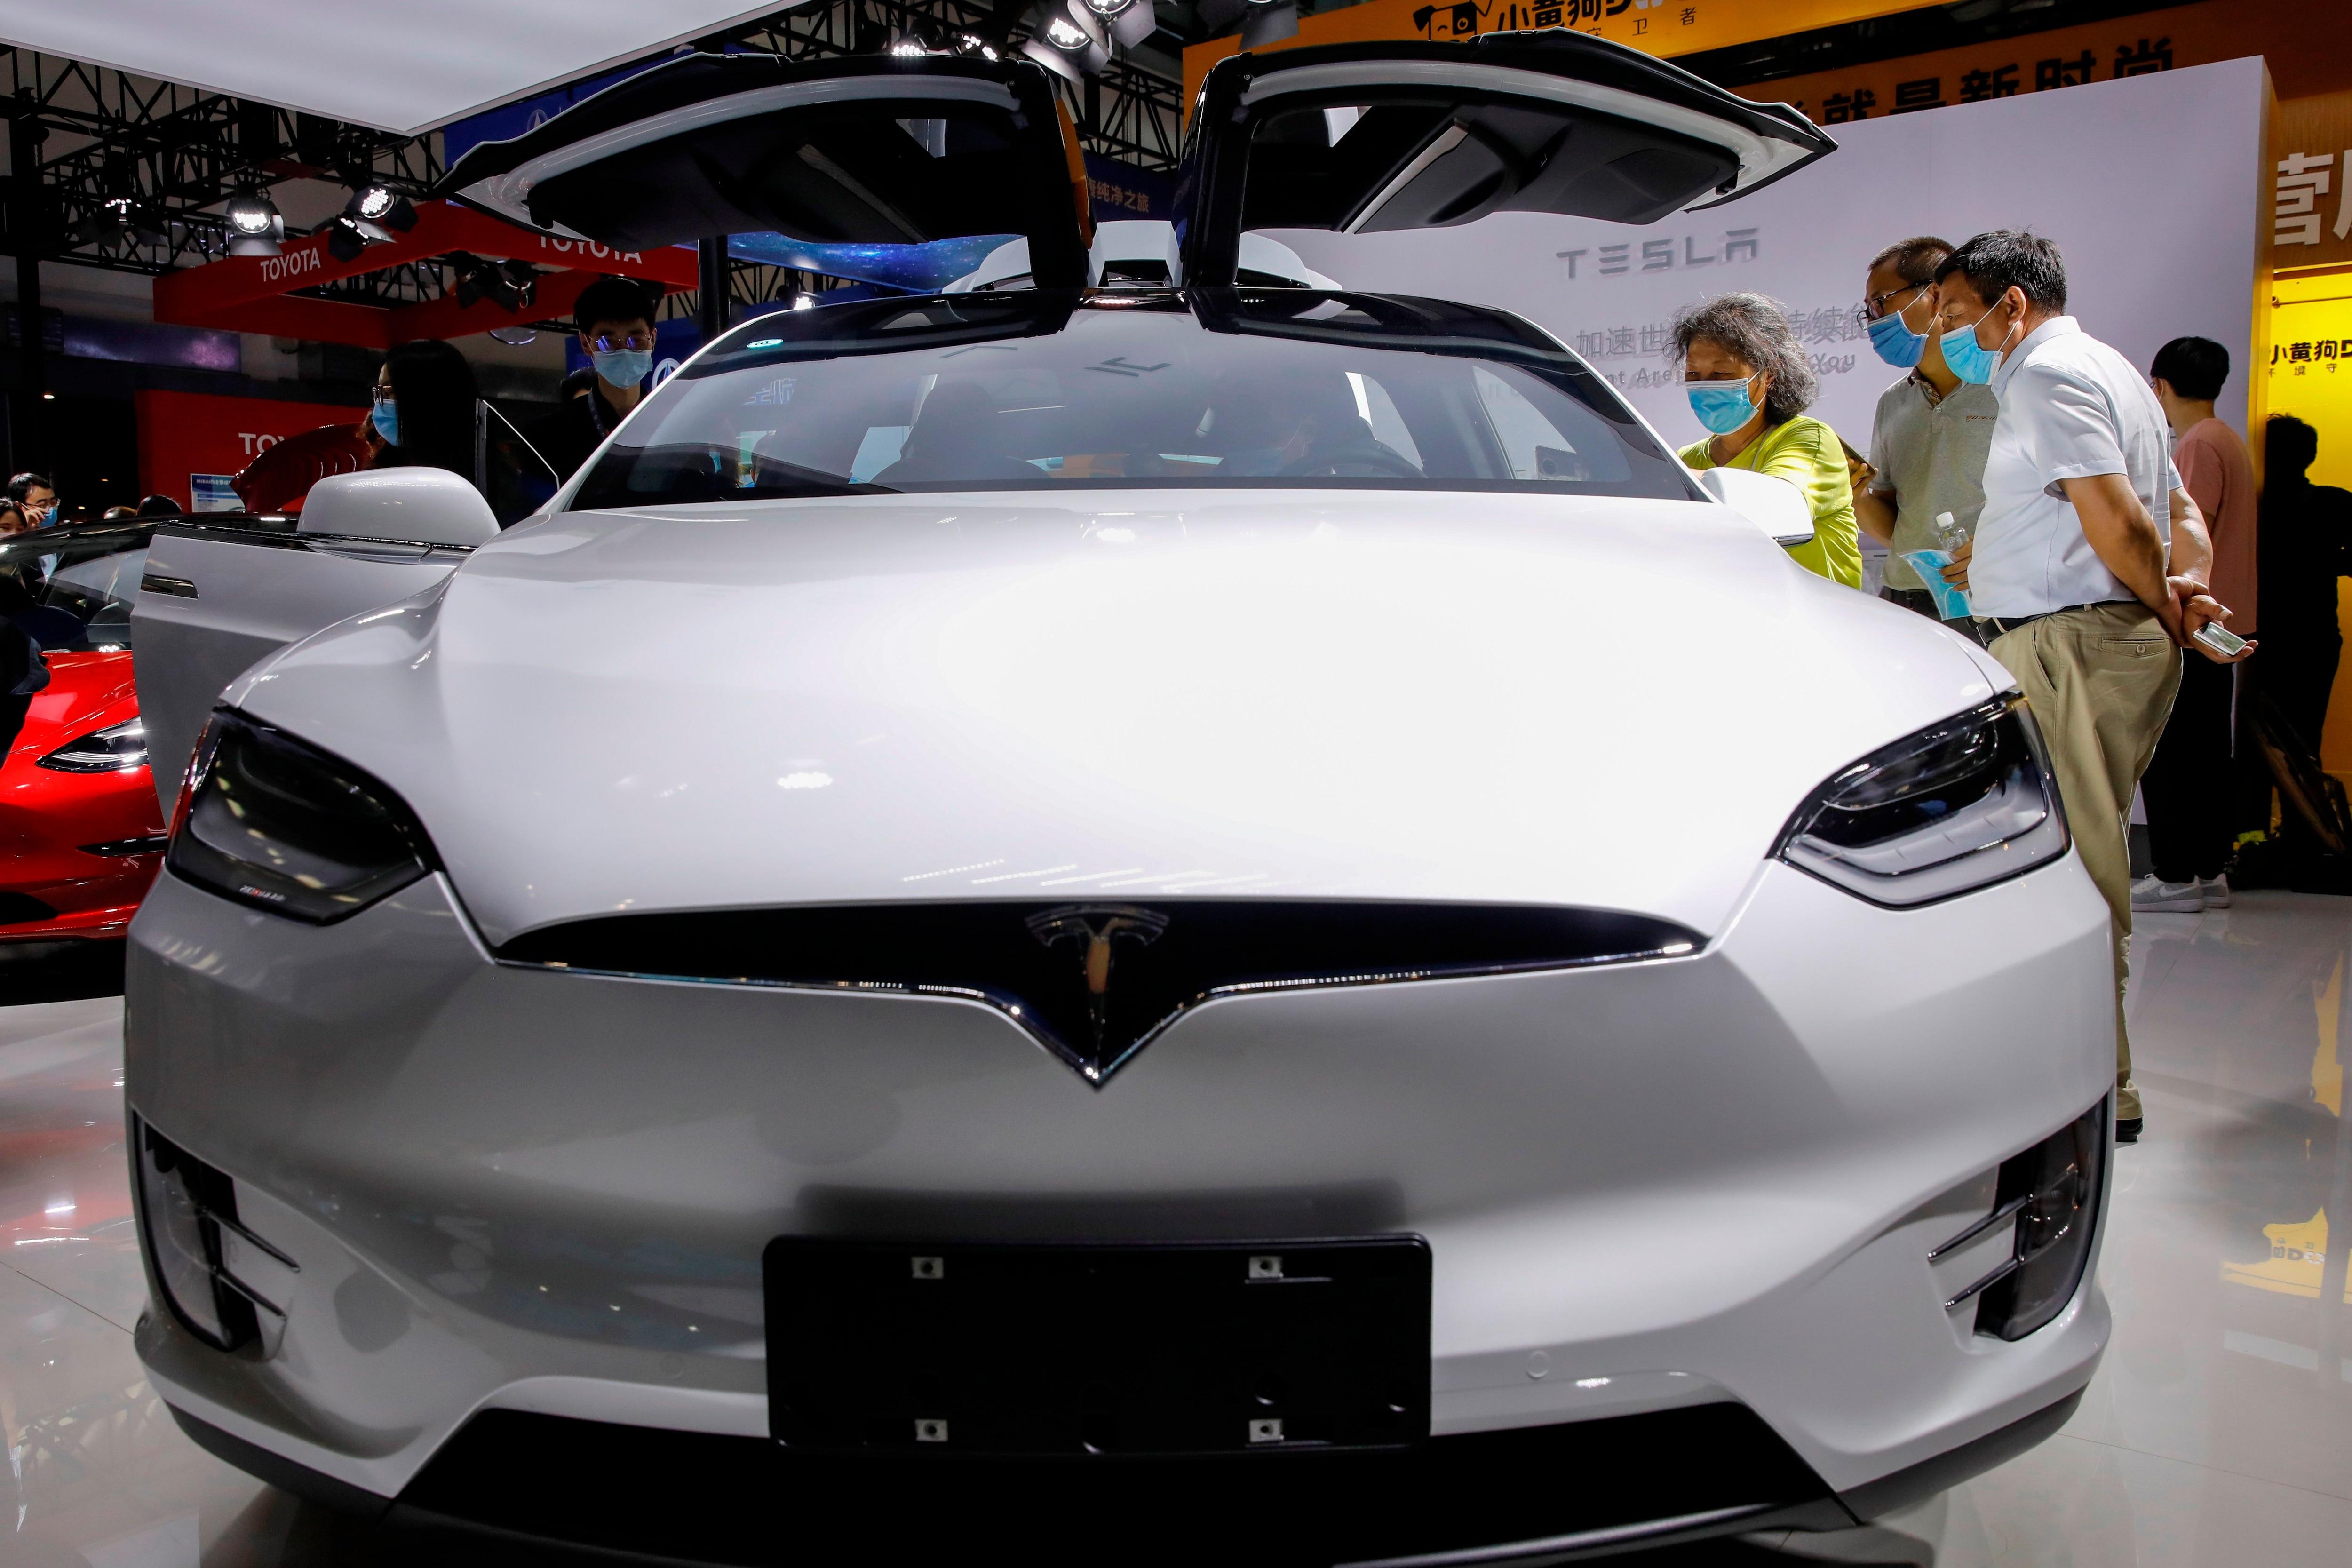 Vista de un vehículo Model X de Tesla (Foto: EFE)